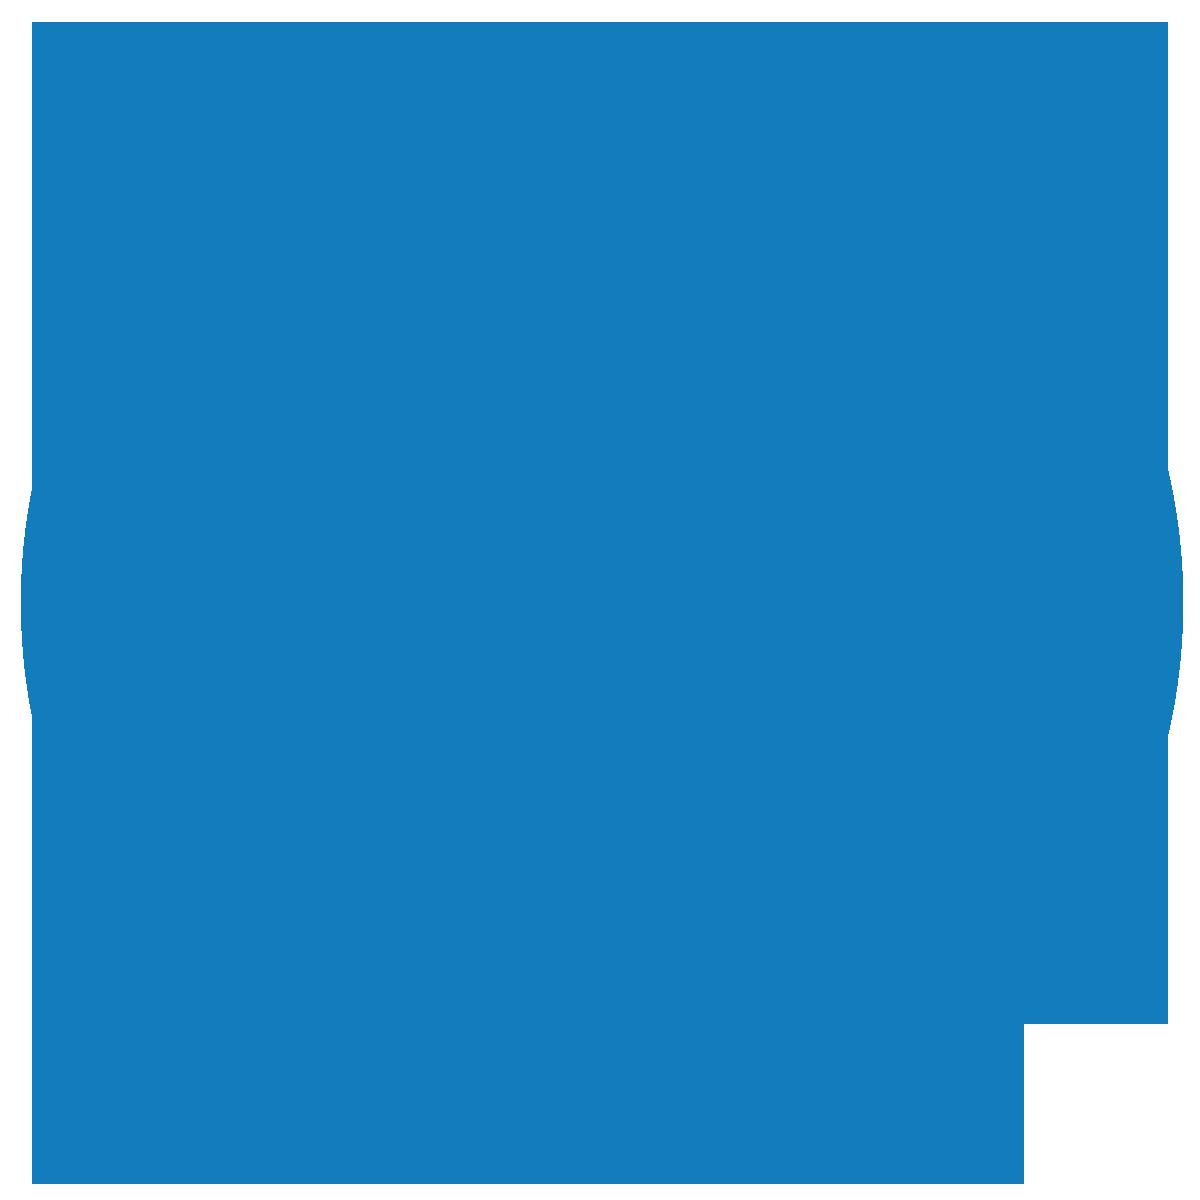 蓝色背景上的波浪图标